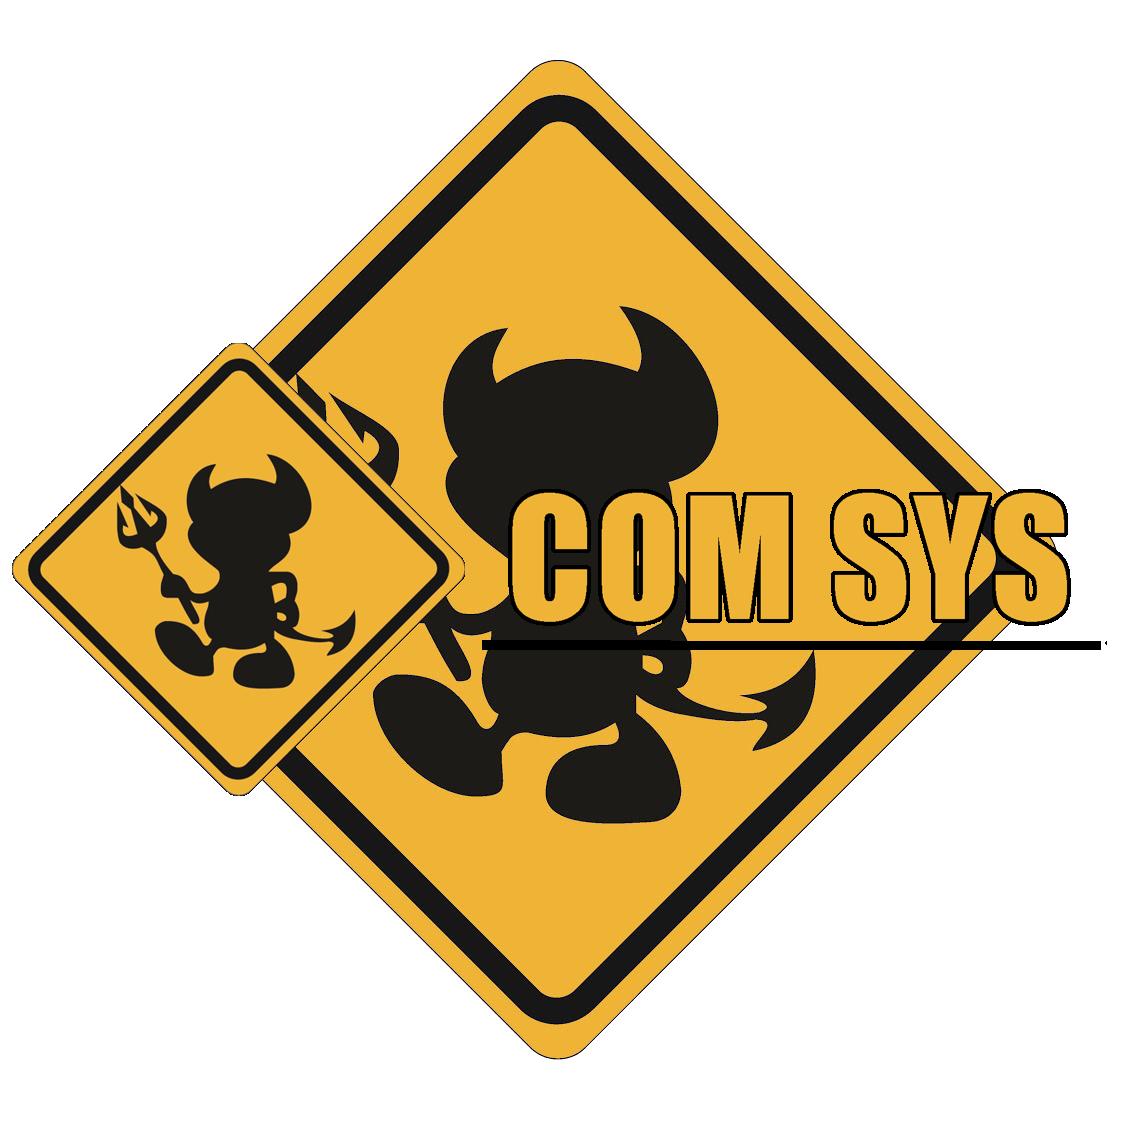 (c) Comsys.ru